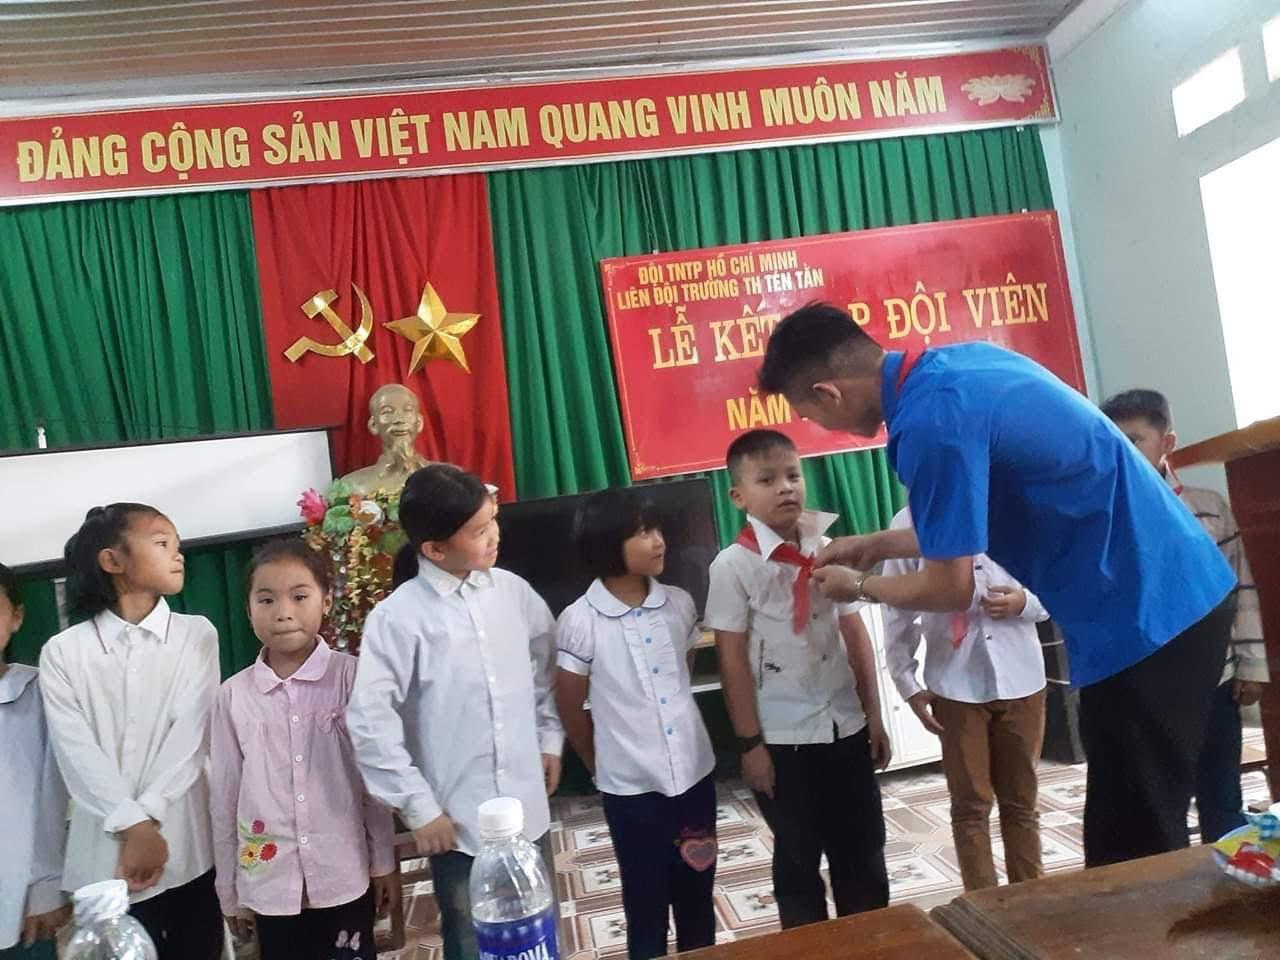 Tổ chức kết nạp đội viên cho các em nhỏ